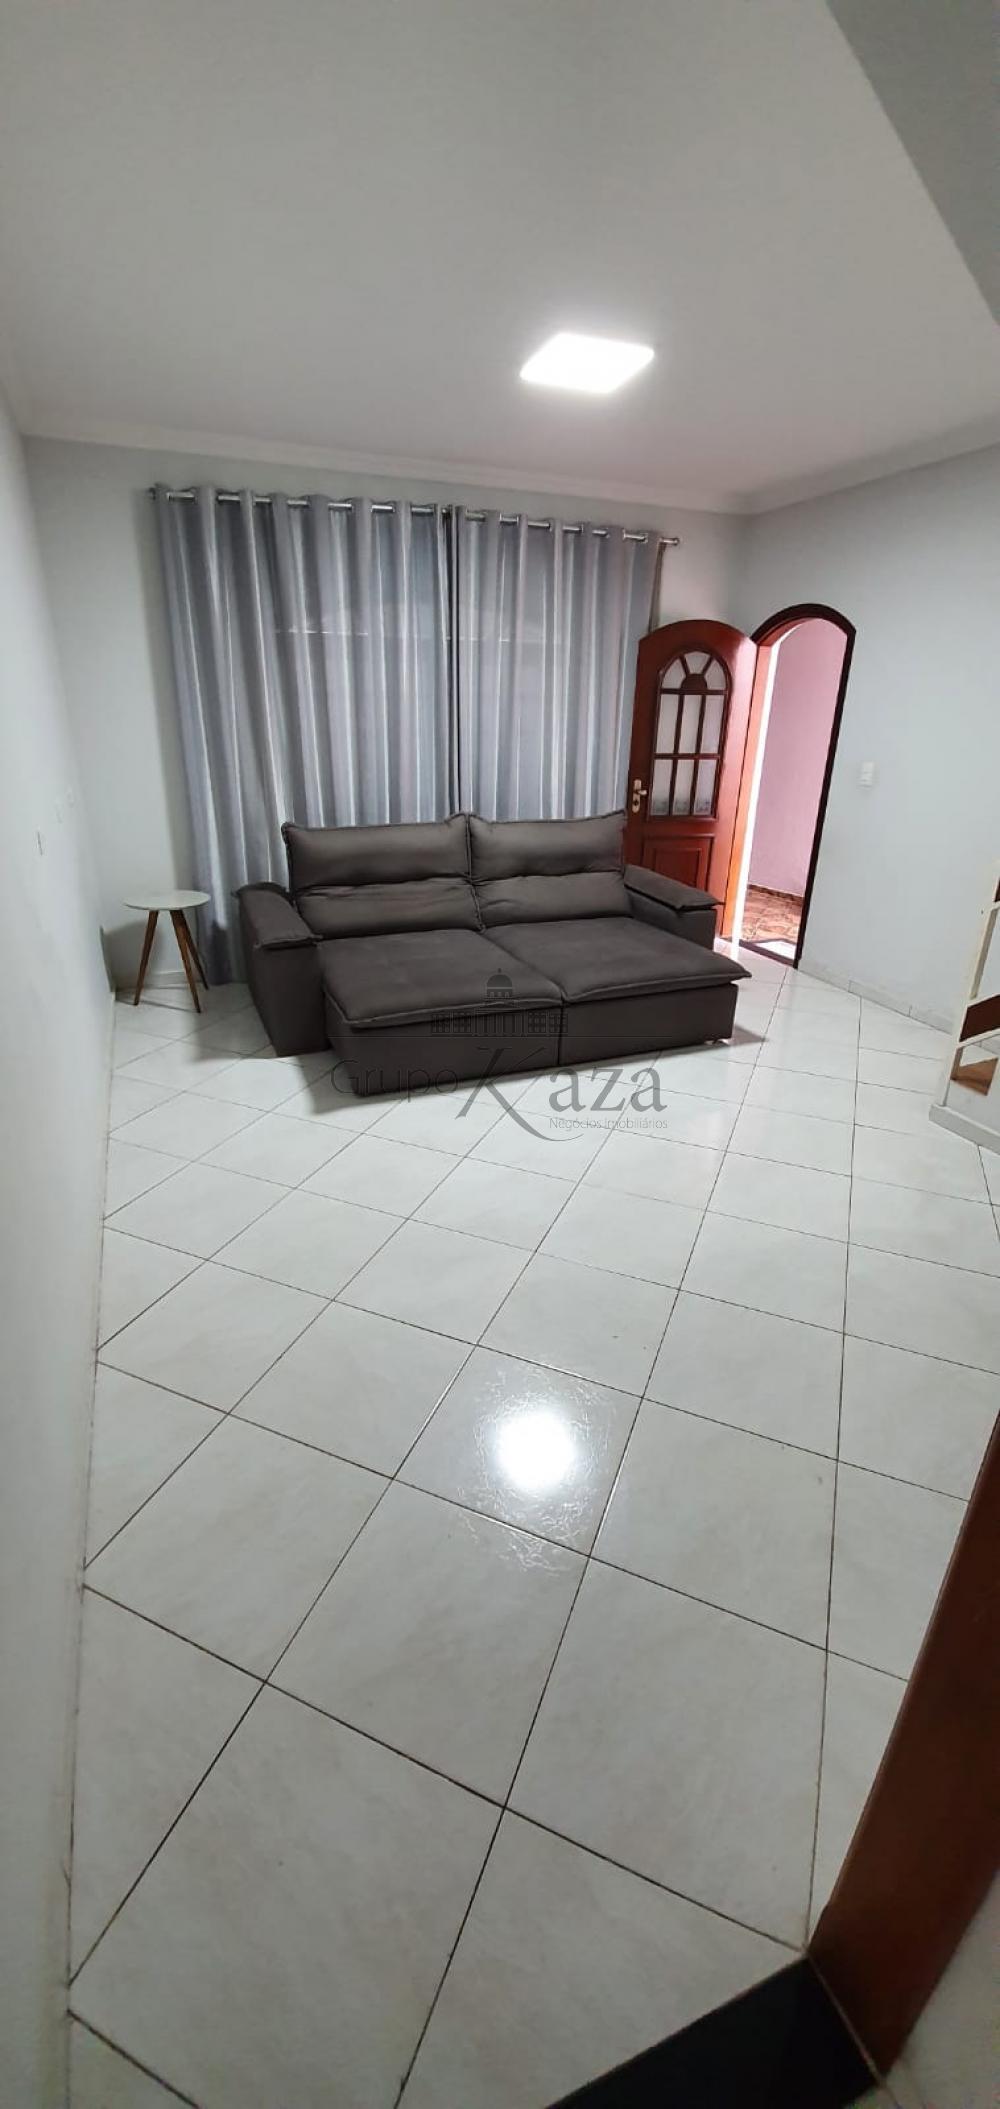 alt='Comprar Casa / Sobrado em São José dos Campos R$ 330.000,00 - Foto 1' title='Comprar Casa / Sobrado em São José dos Campos R$ 330.000,00 - Foto 1'